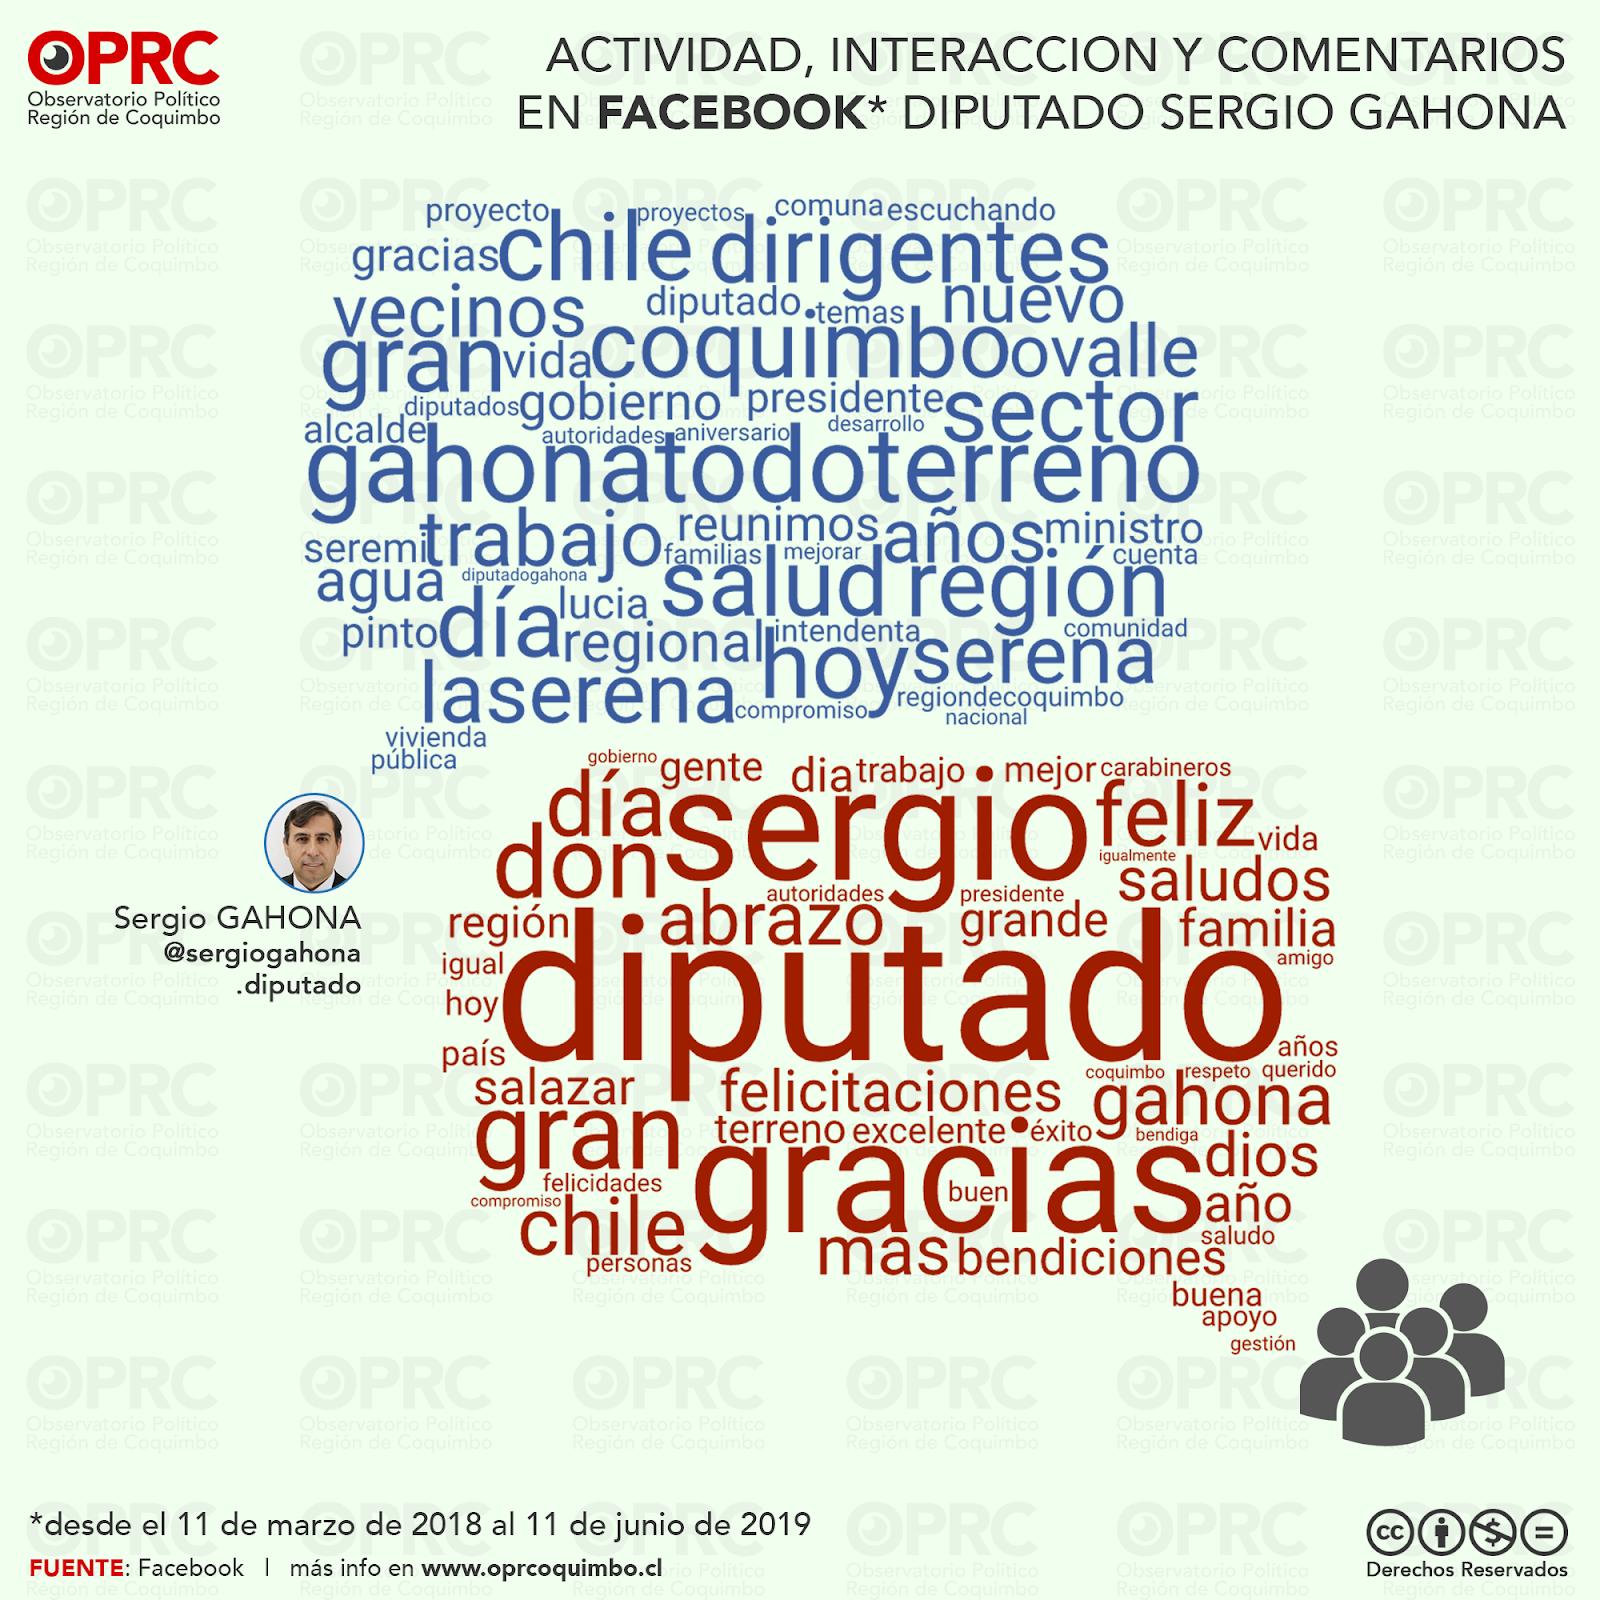 Interacciones en Facebook Diputado Sergio Gahona